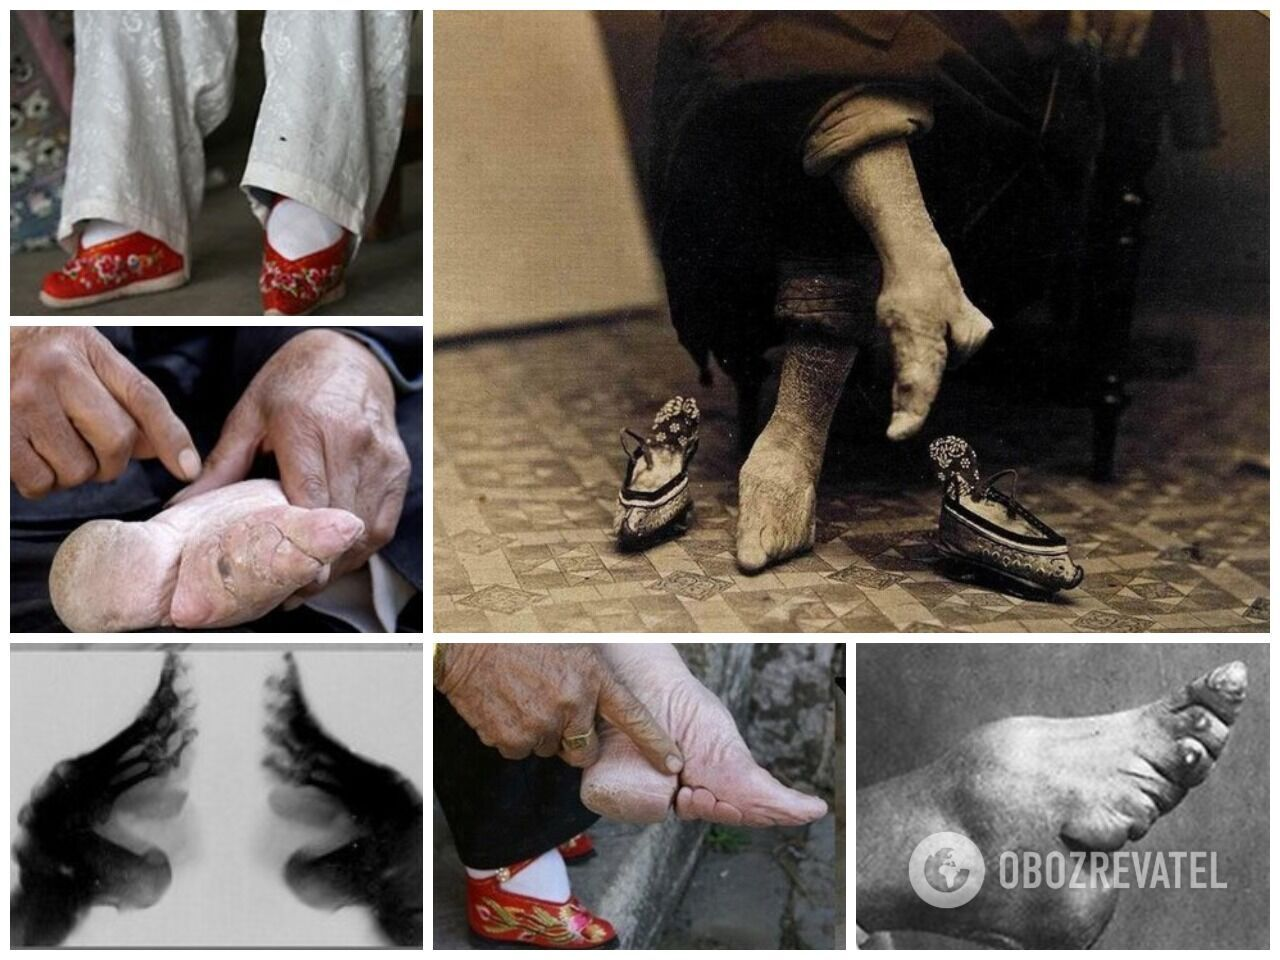 5-летним девочкам в древнем Китае туго бинтовали стопы, чтобы нога не увеличивалась в размере